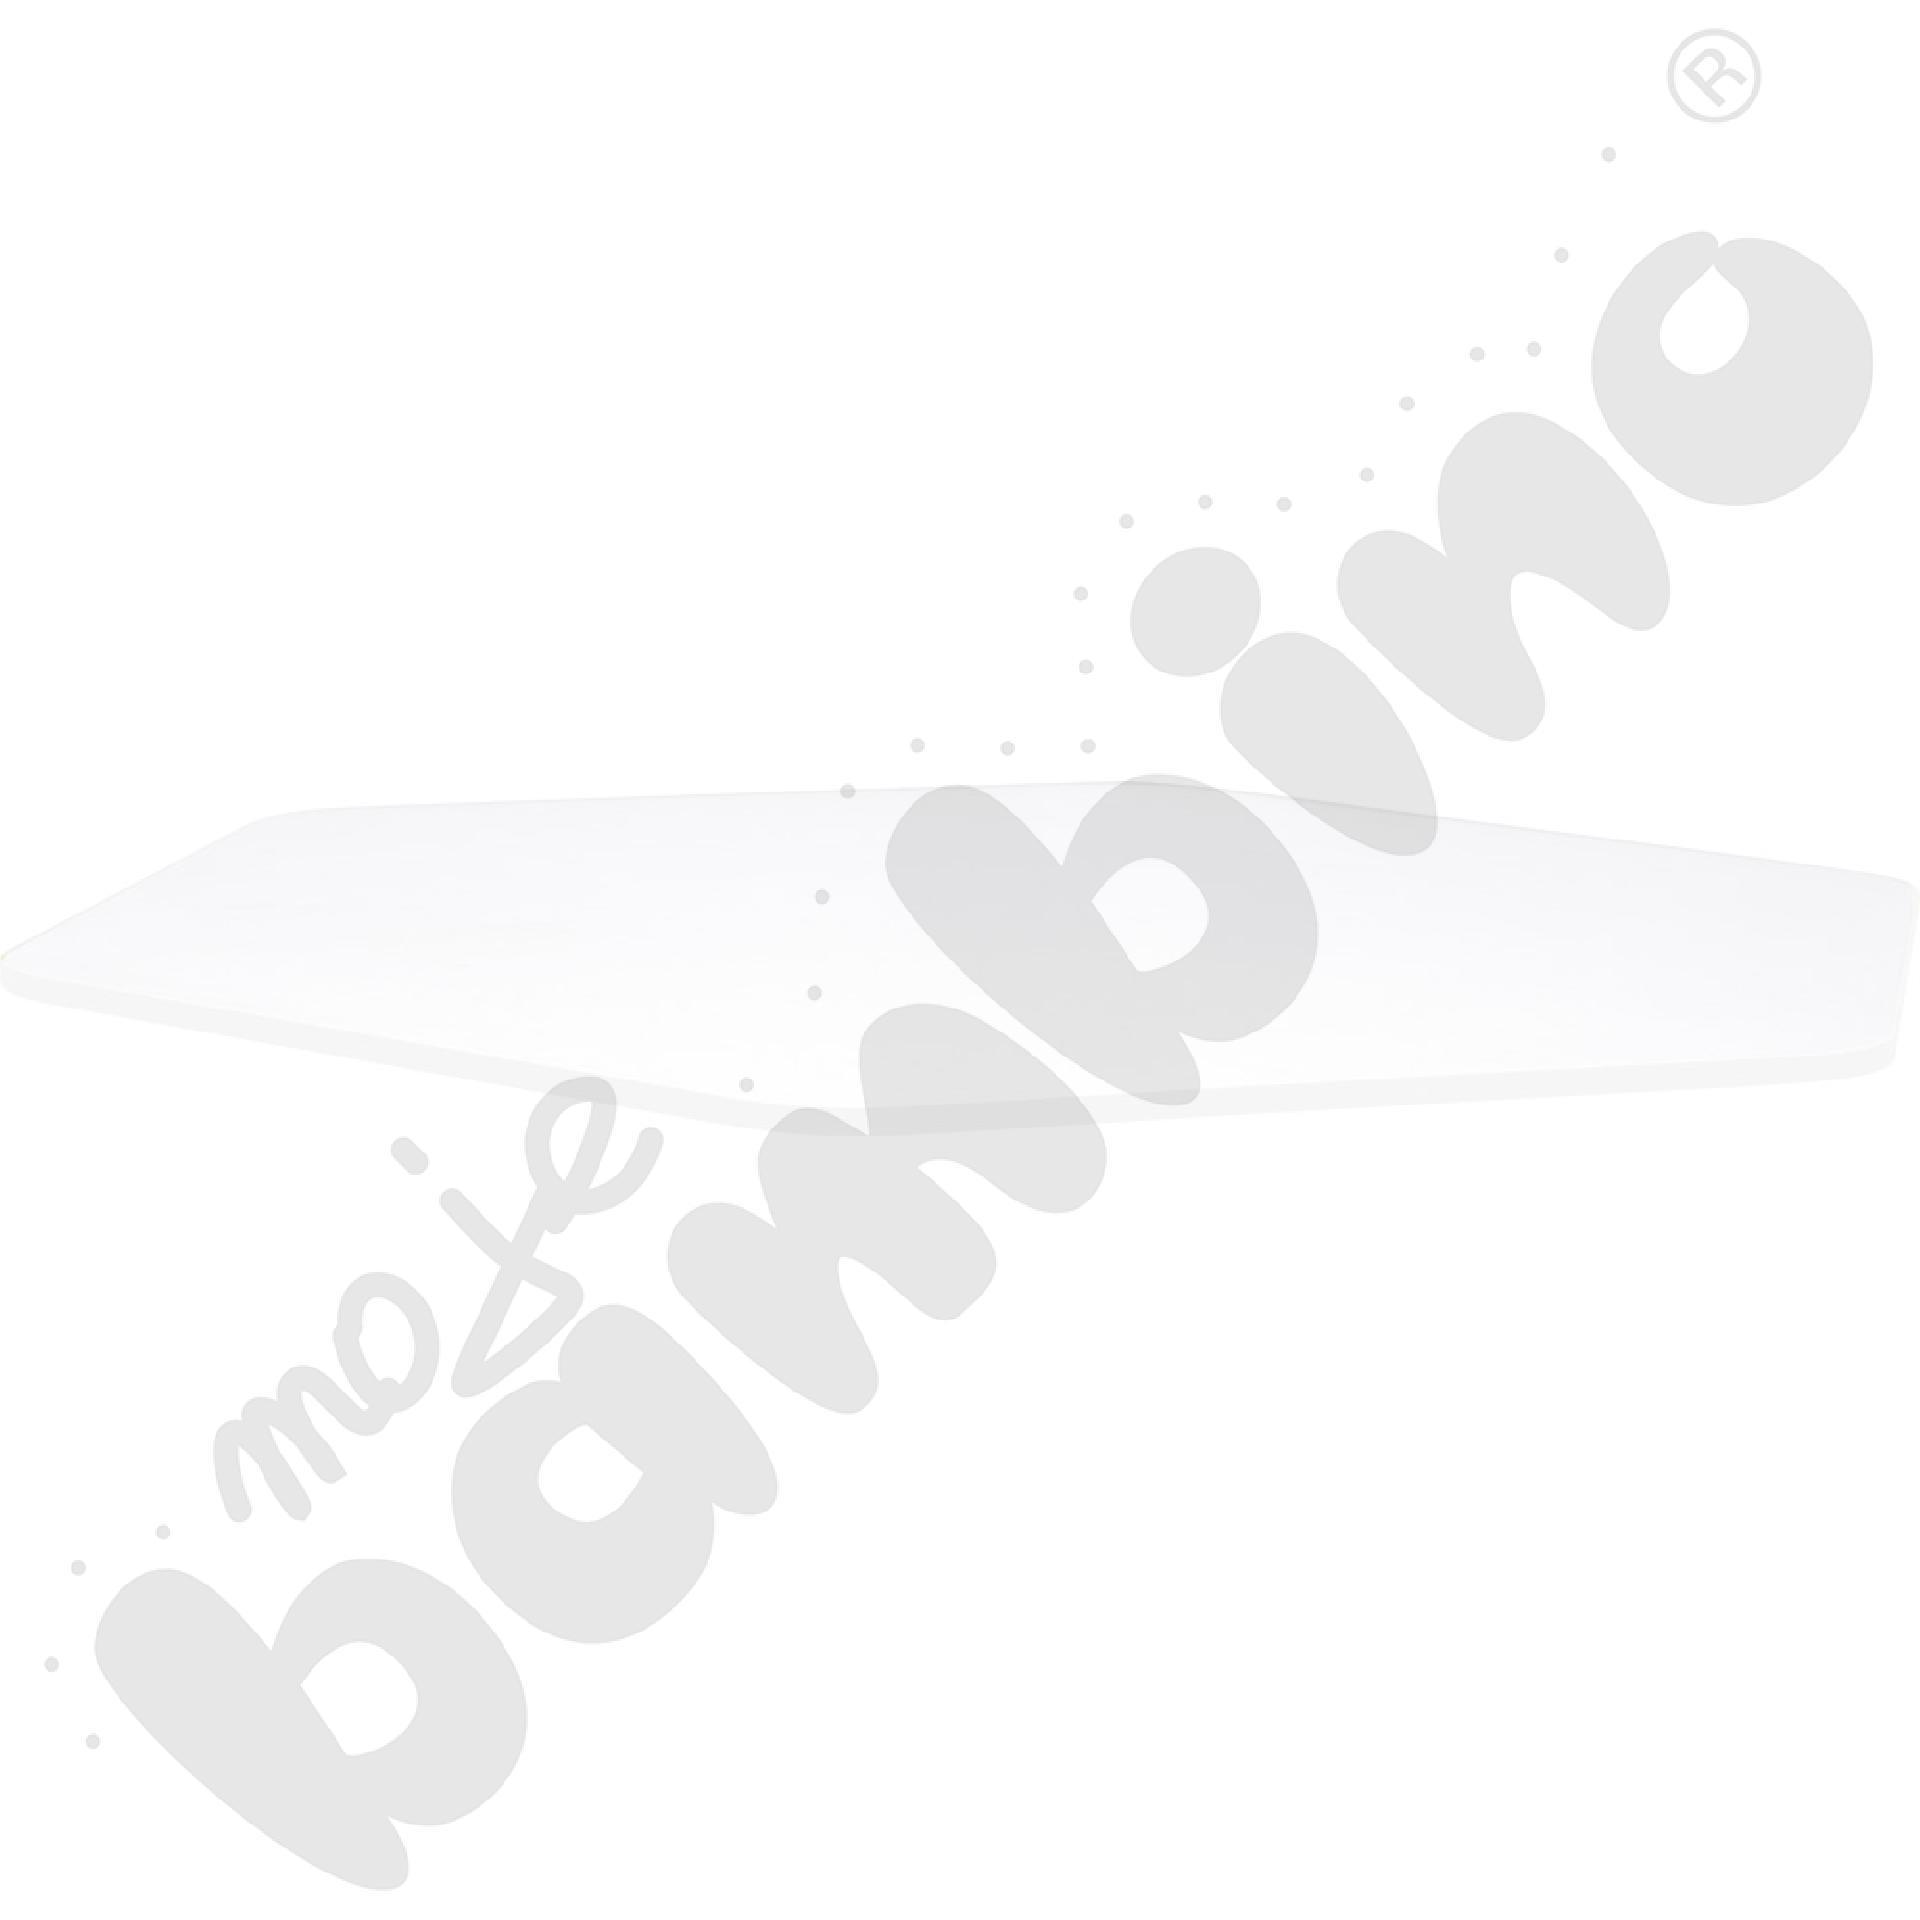 Blat Quadro biały sześciokątny, białe obrzeże